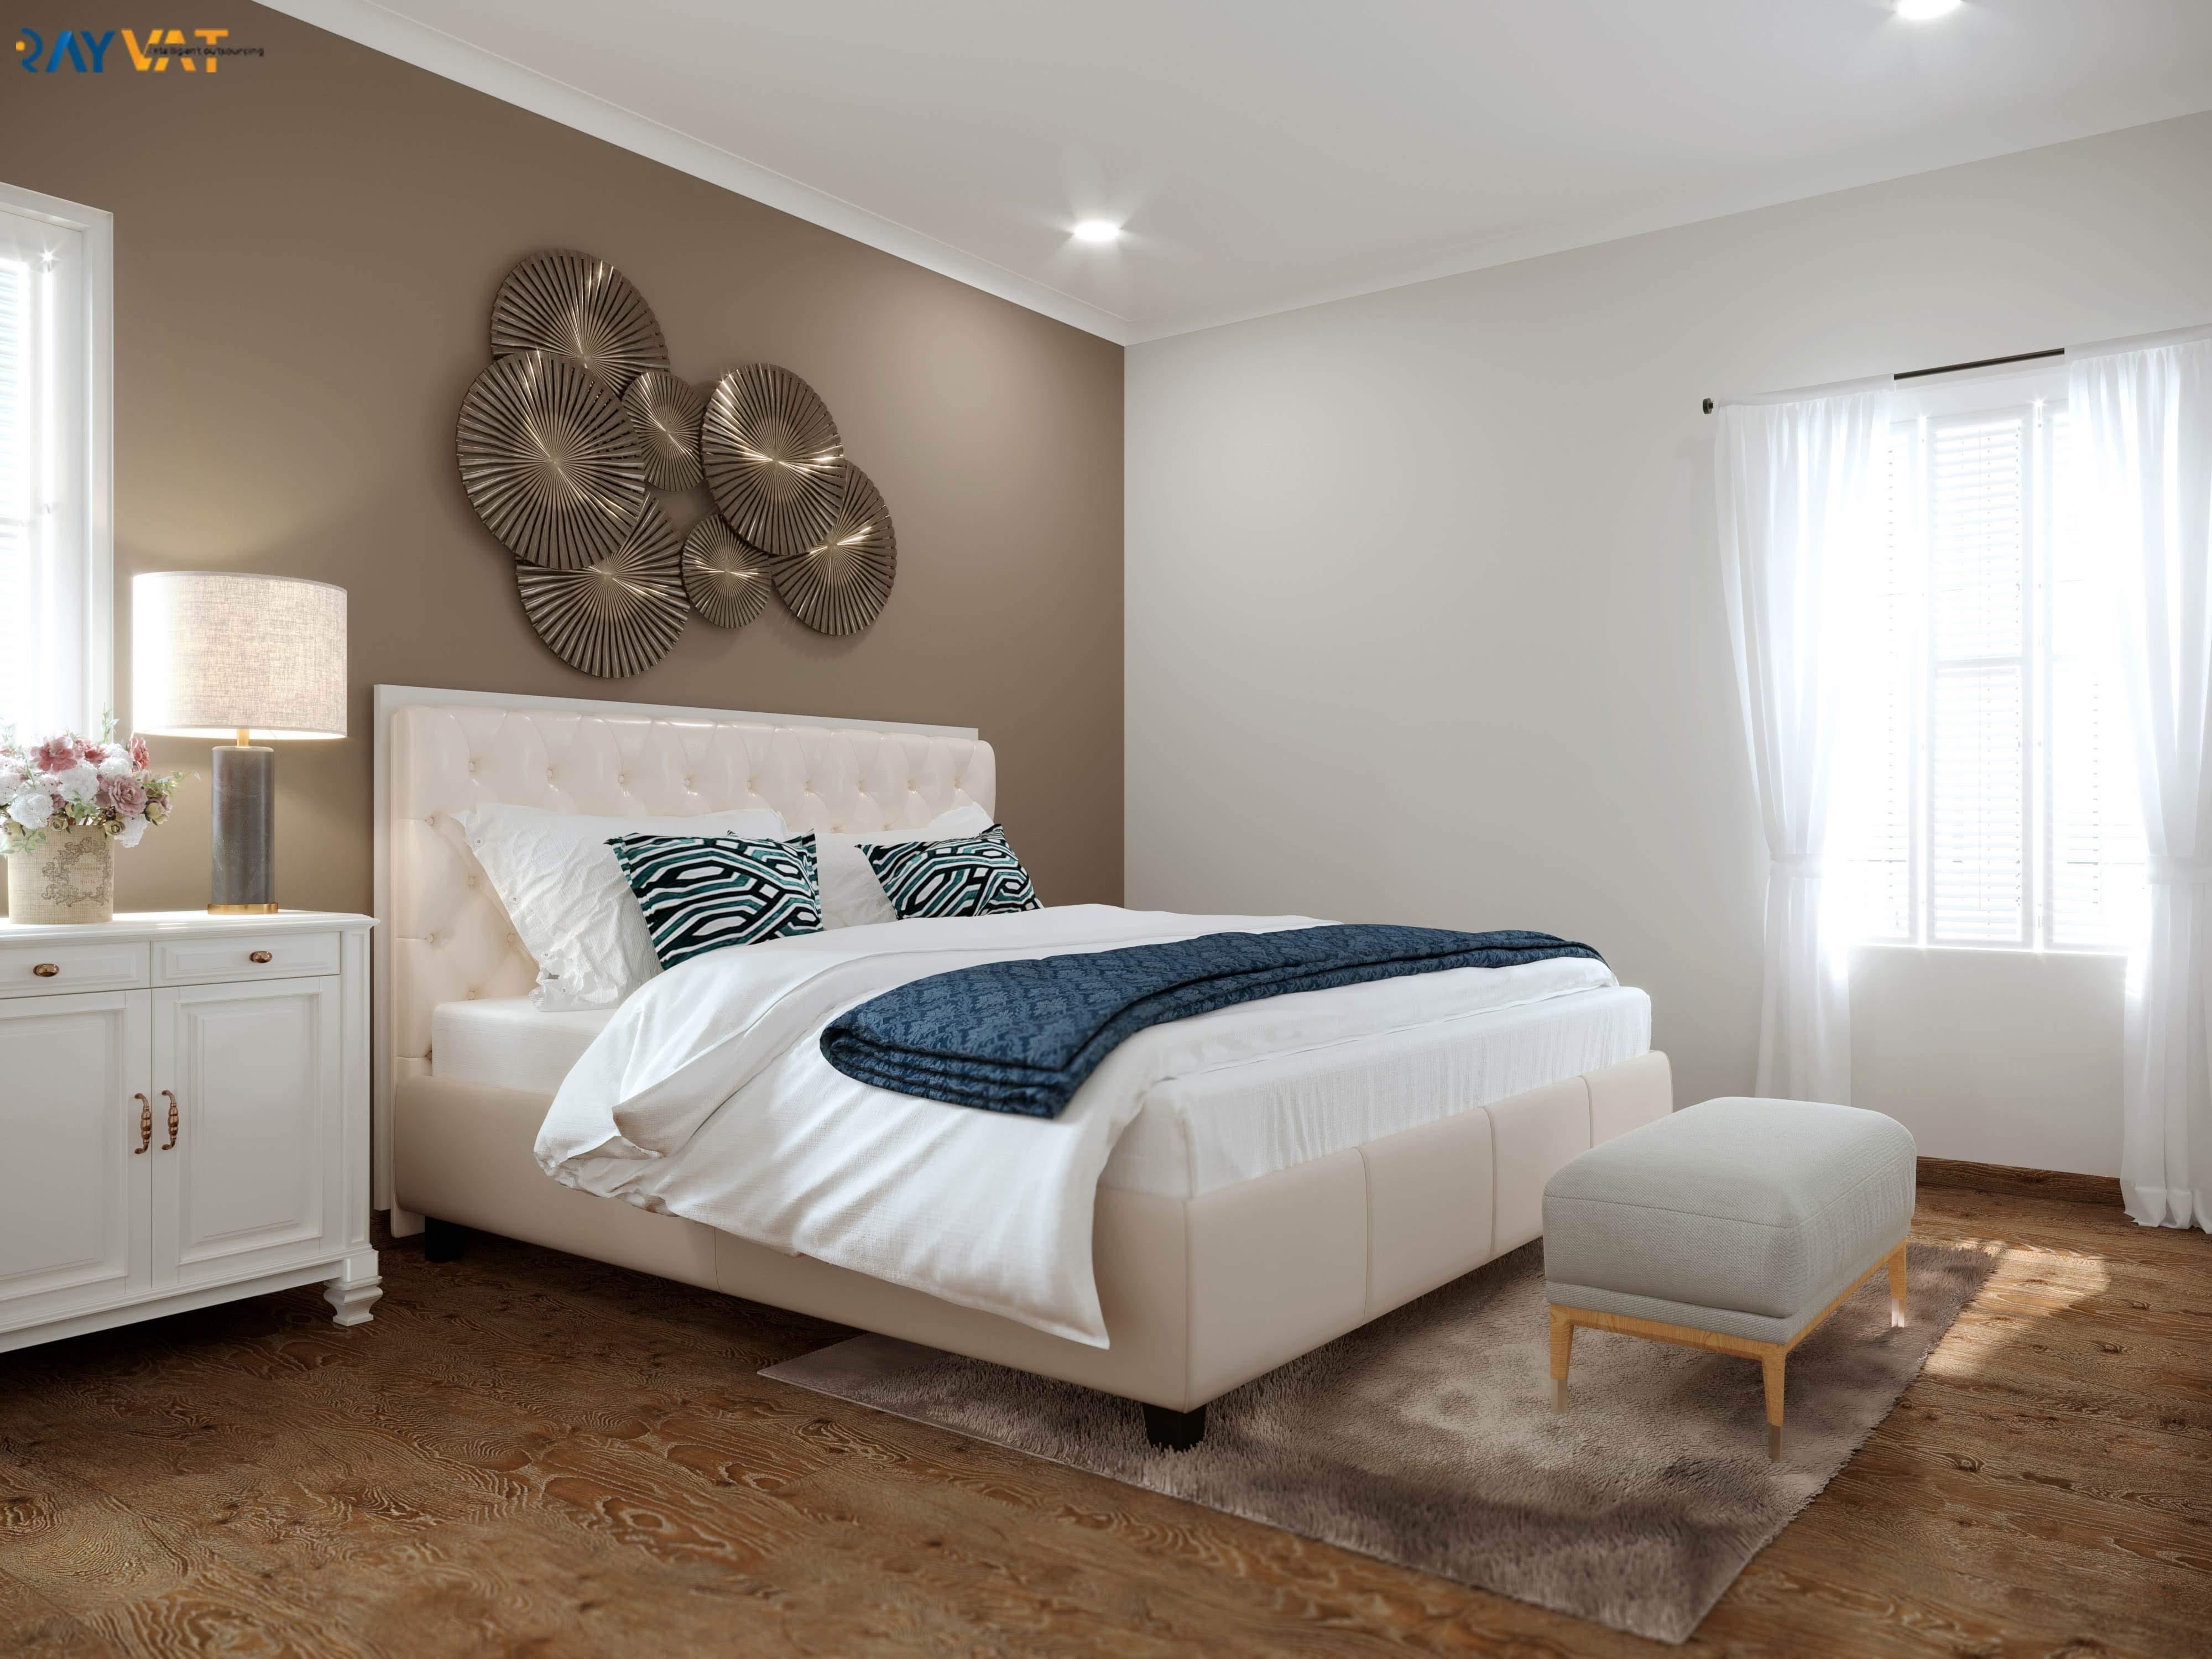 Vanessa-Master-bedroom